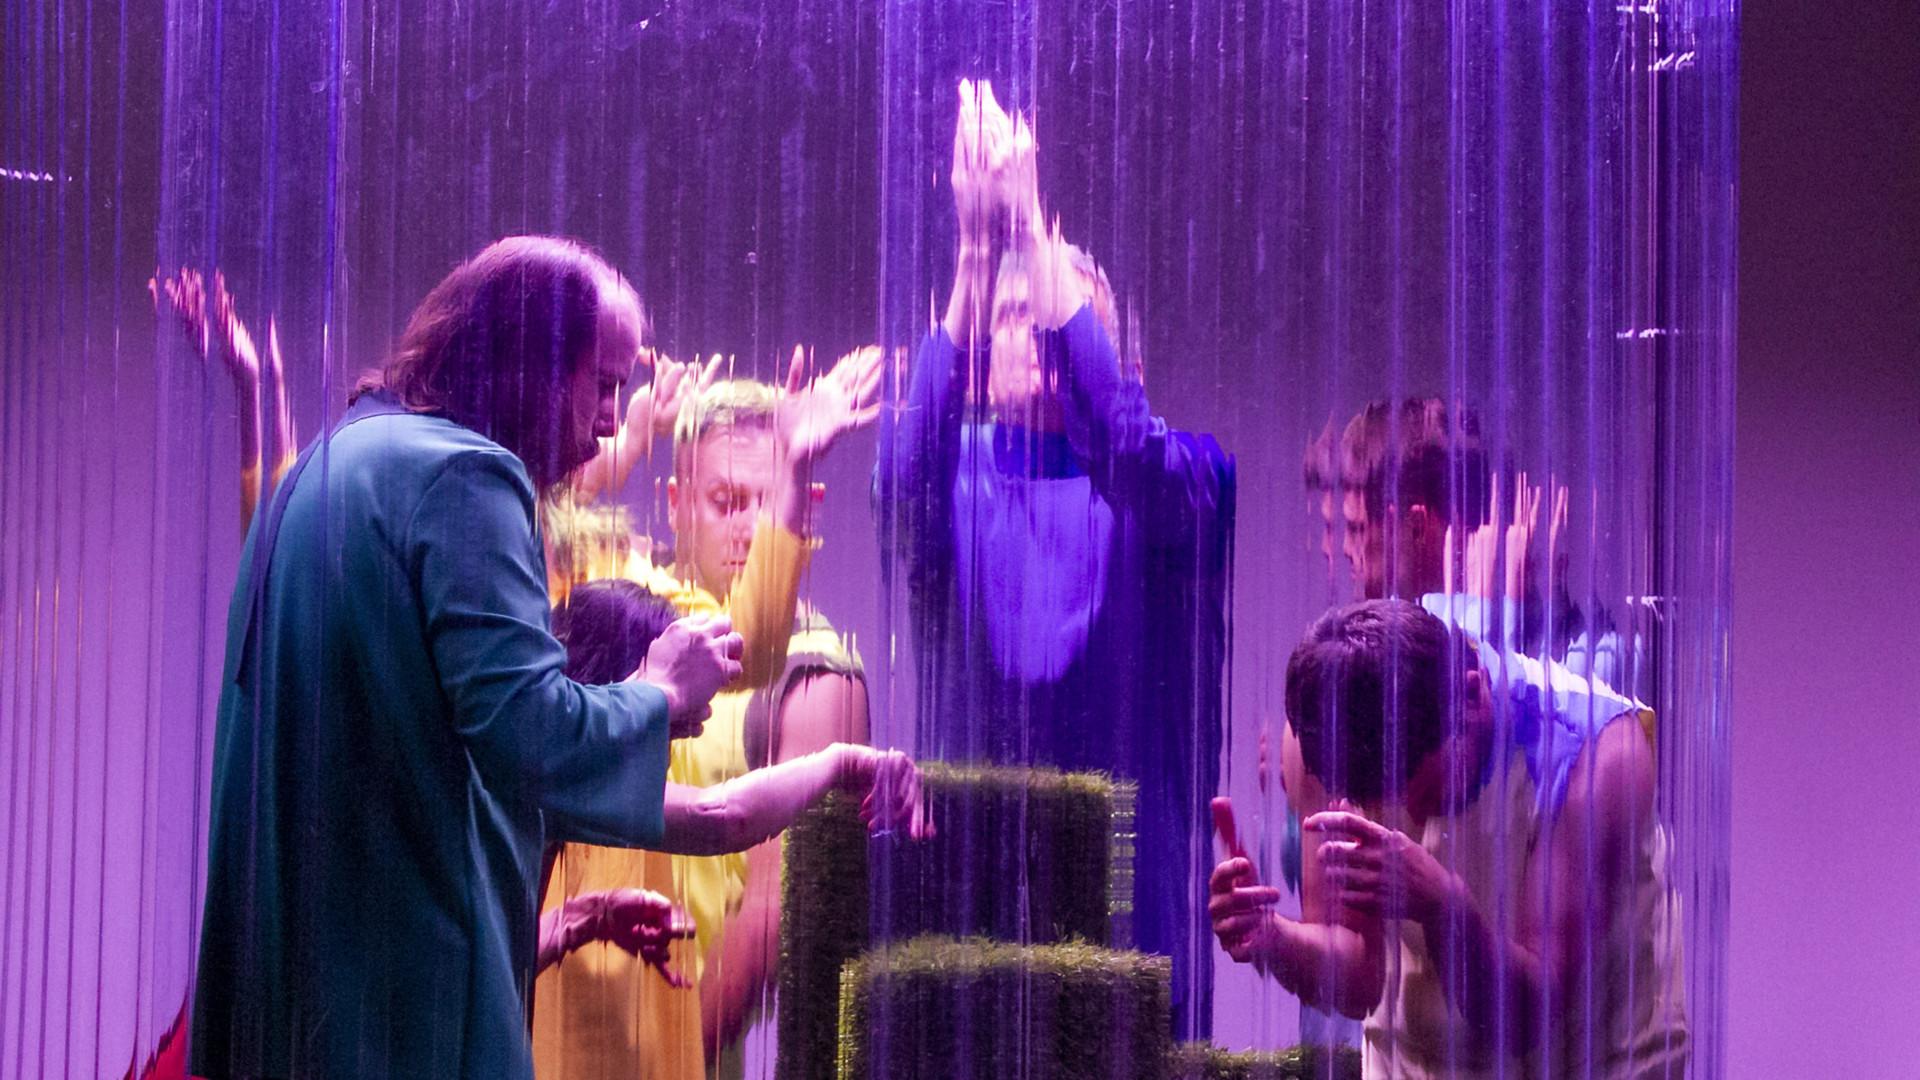 Szenenfoto aus einer Auffuehrung: Mehrere Personen hinter einer Art Glasscheibe auf der Bühne.